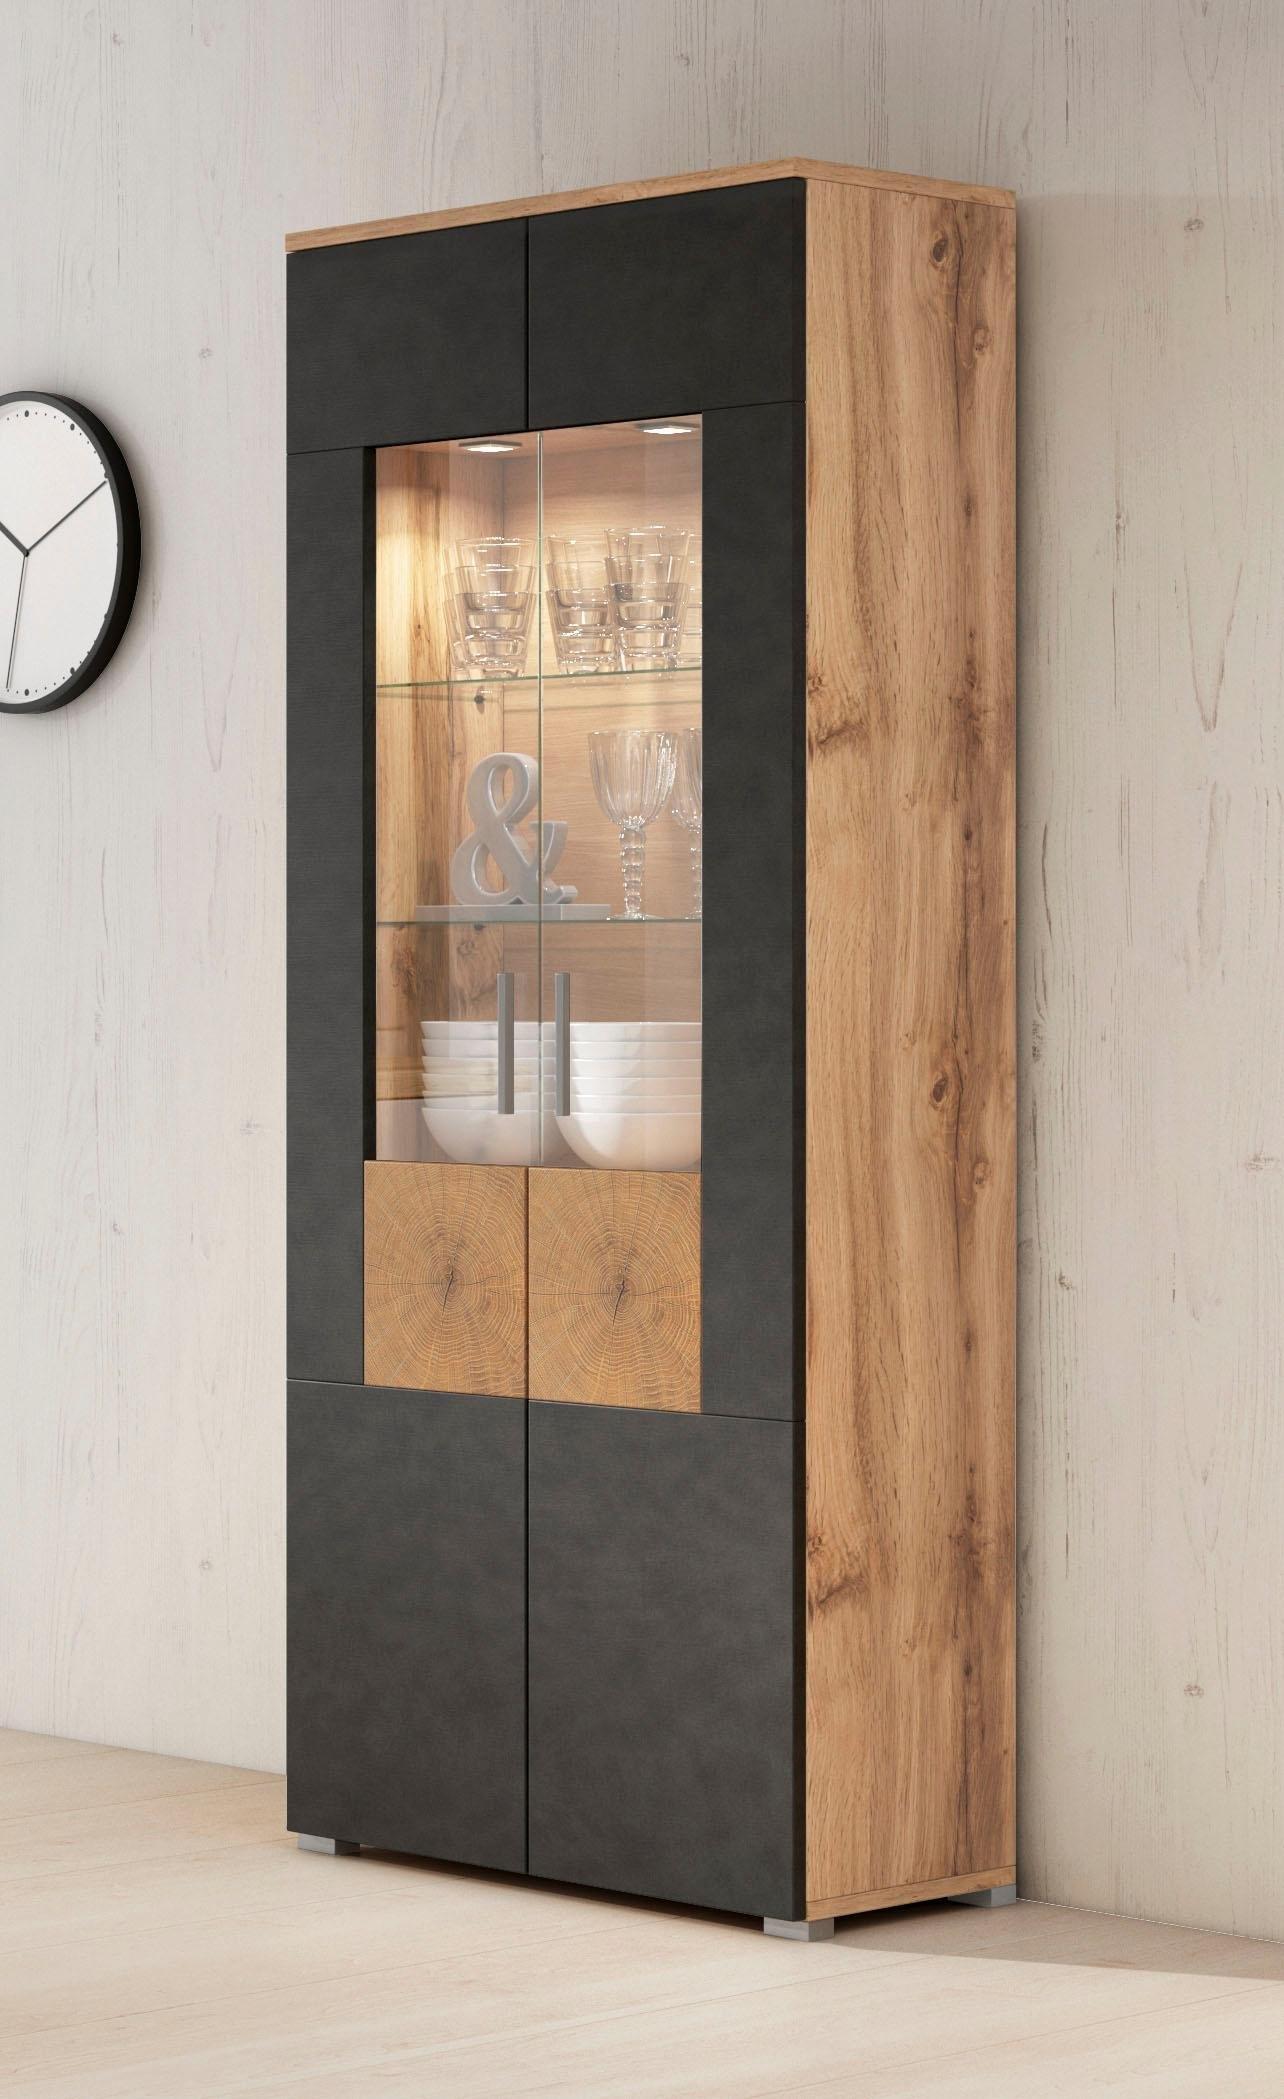 Hangende Vitrinekast Met Verlichting.Hangende Vitrinekast Ikea Affordable Hangende Vitrinekast Ikea With